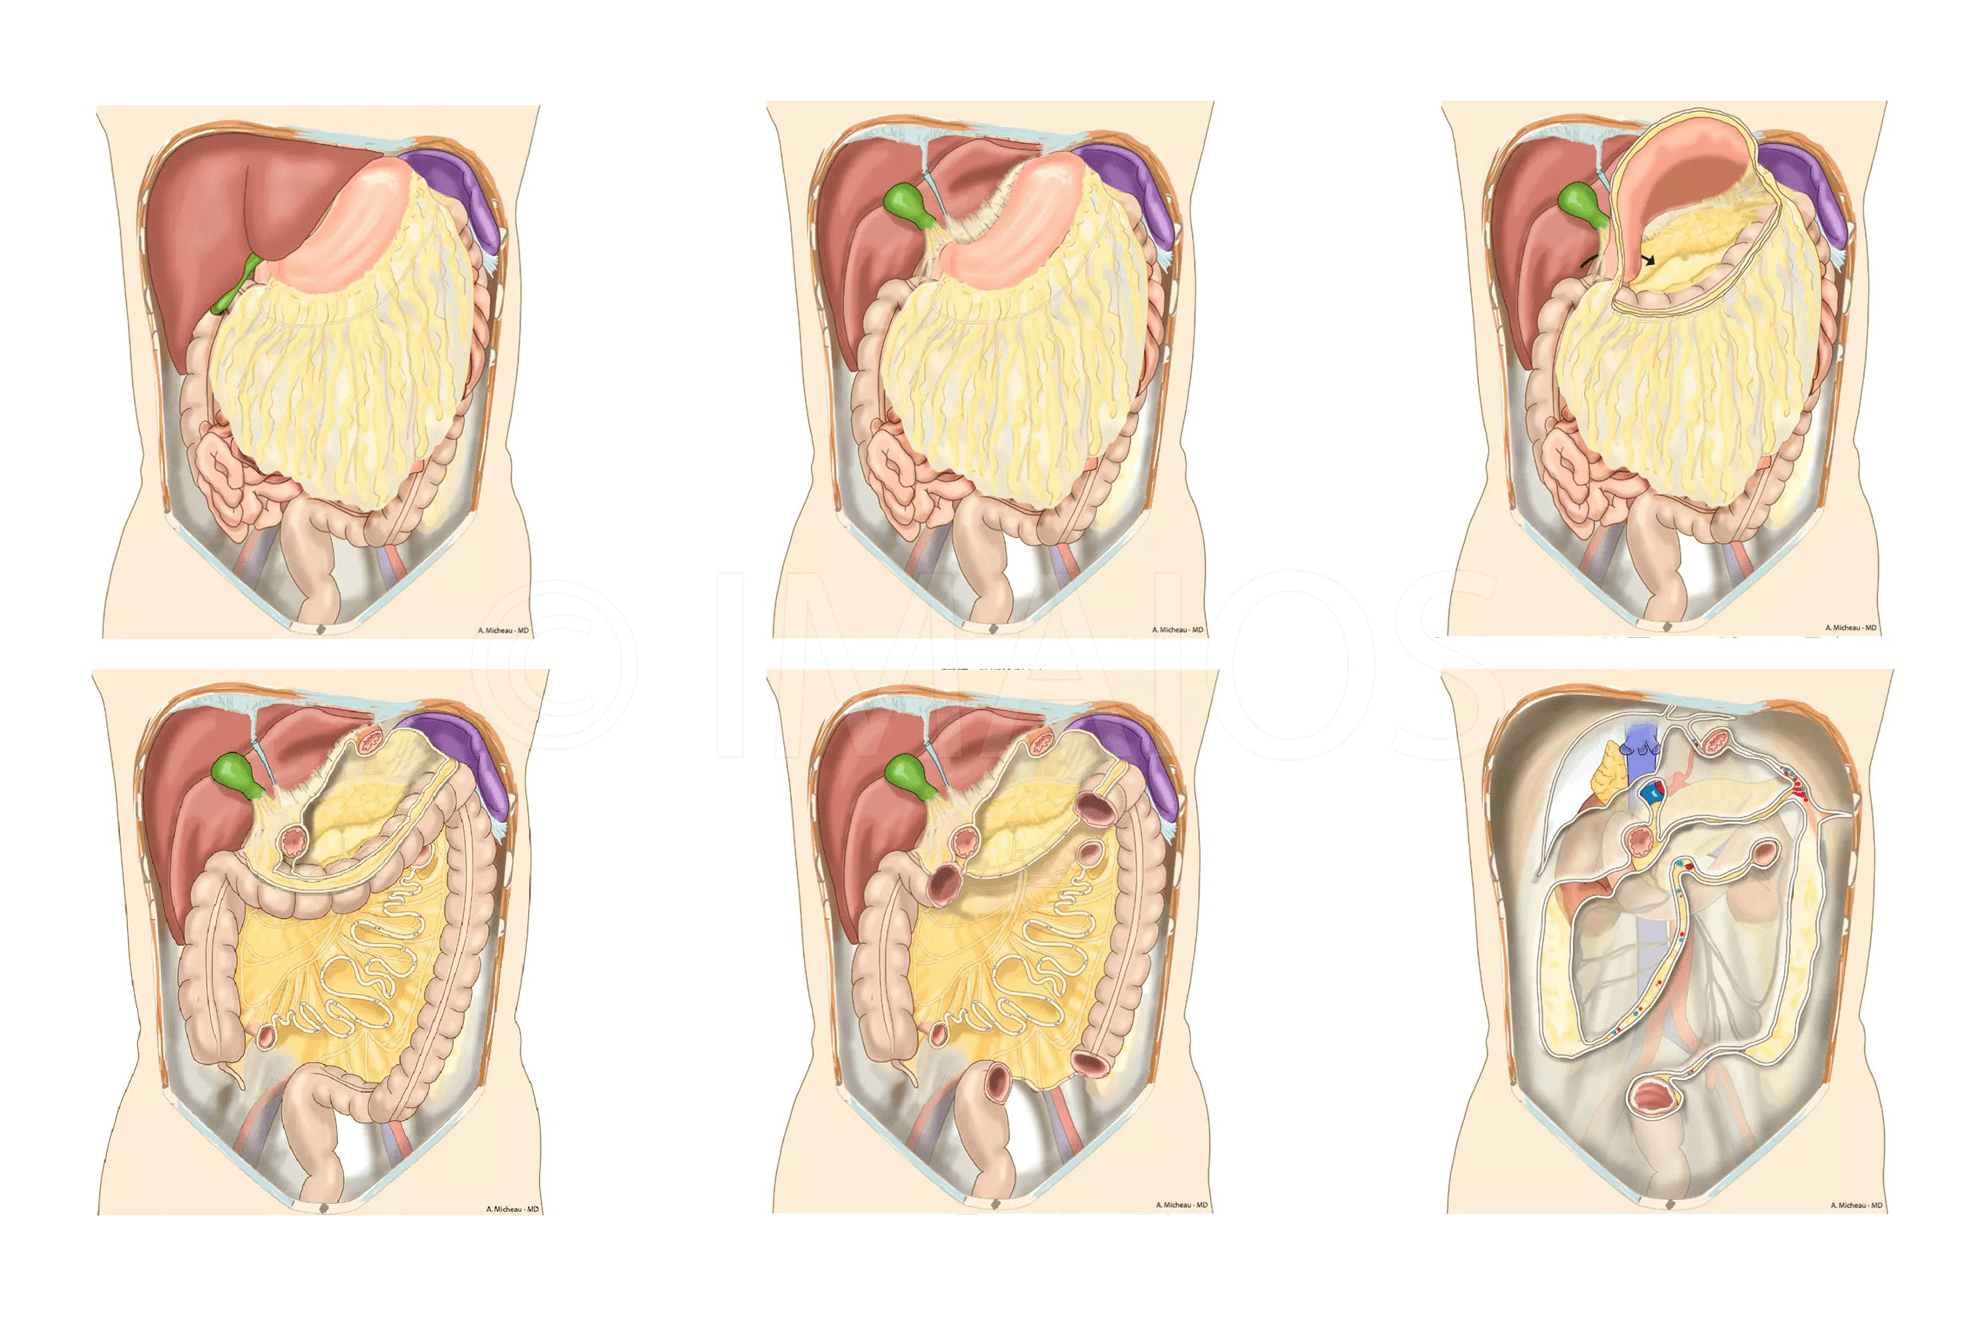 Qué es la cavidad peritoneal? – Curiosoando